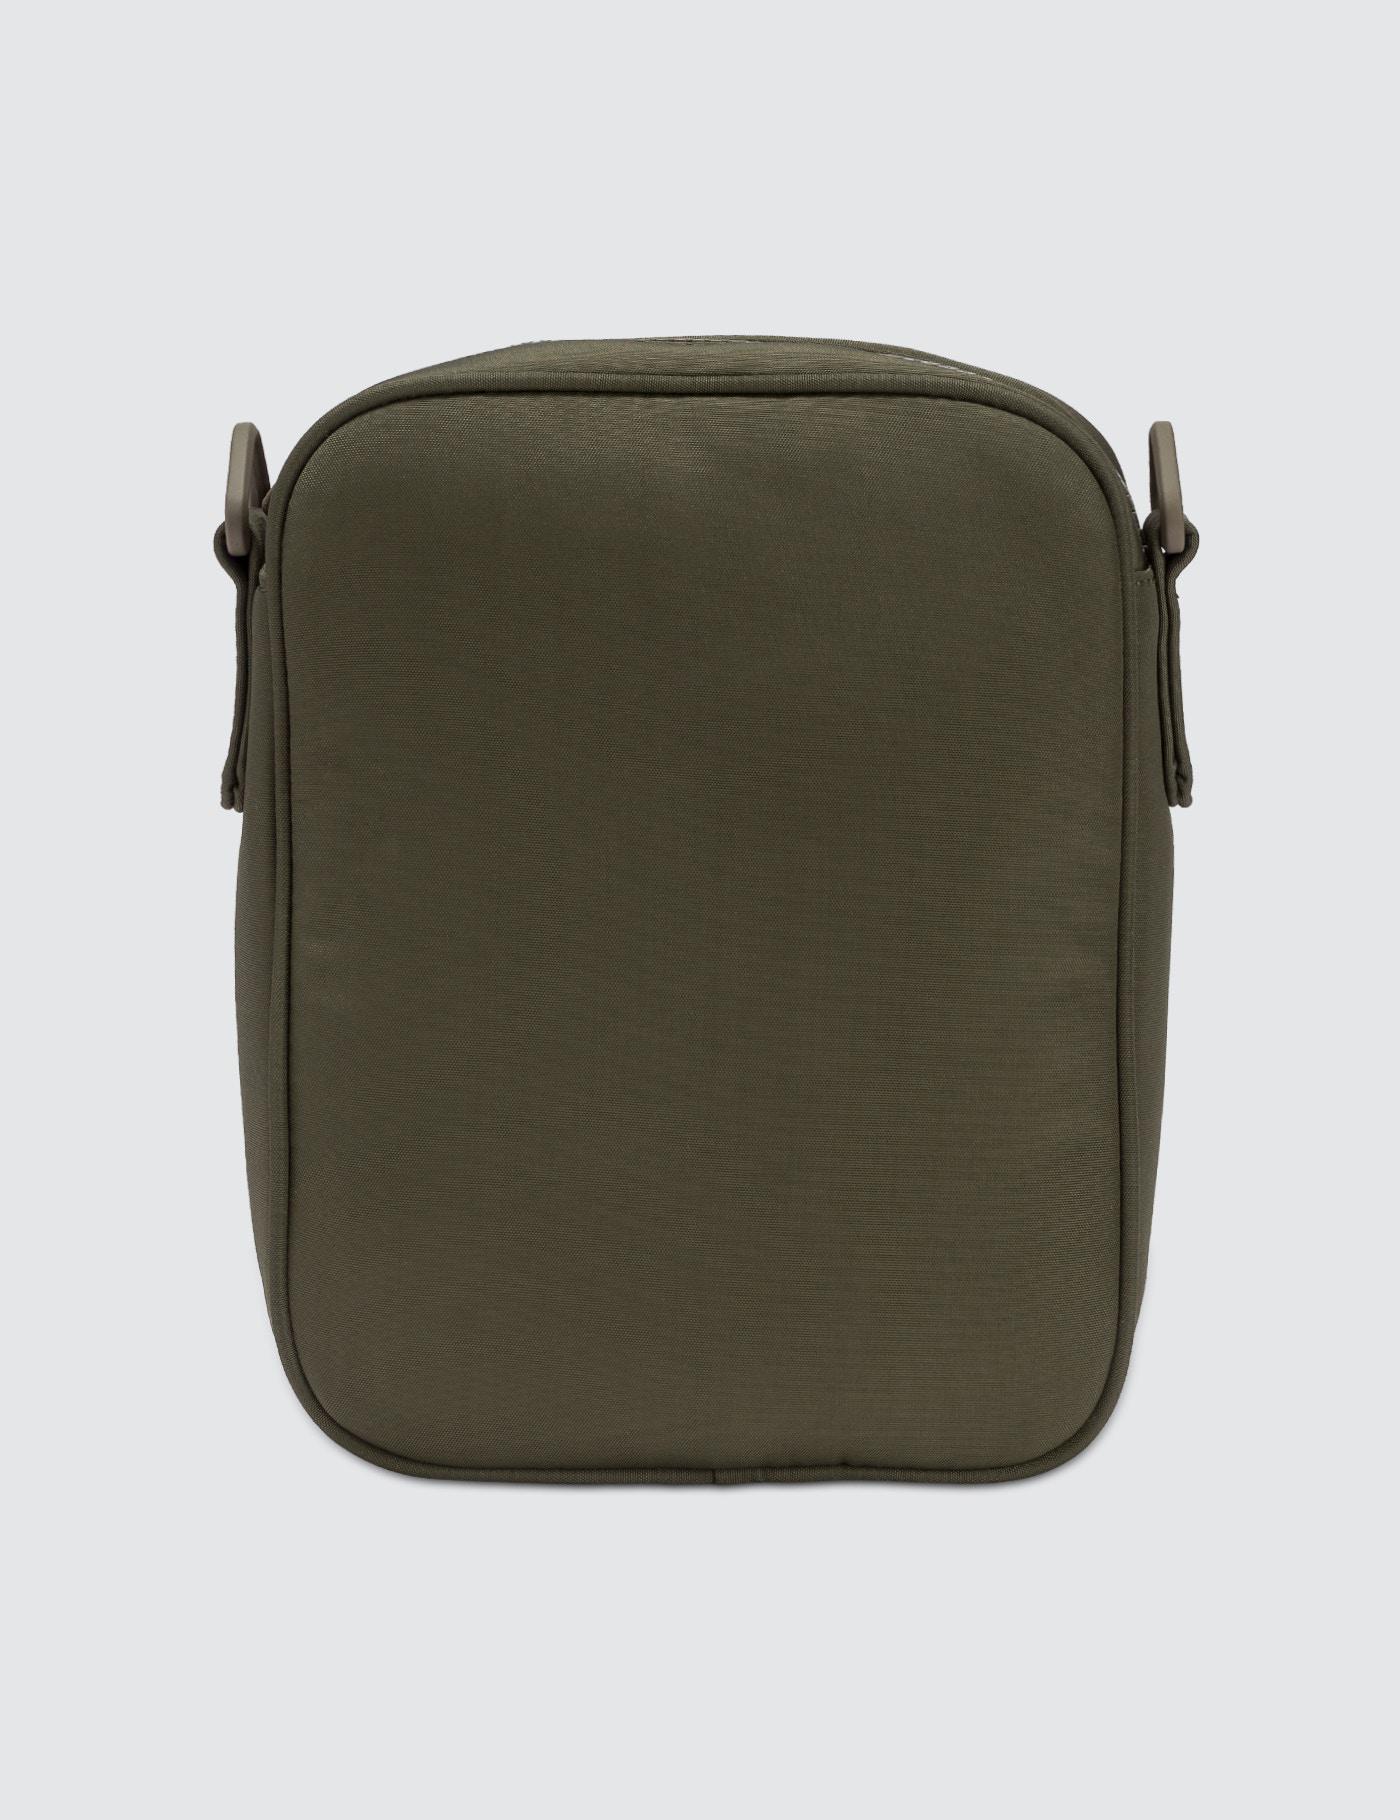 Yeezy Synthetic Cross Body Bag